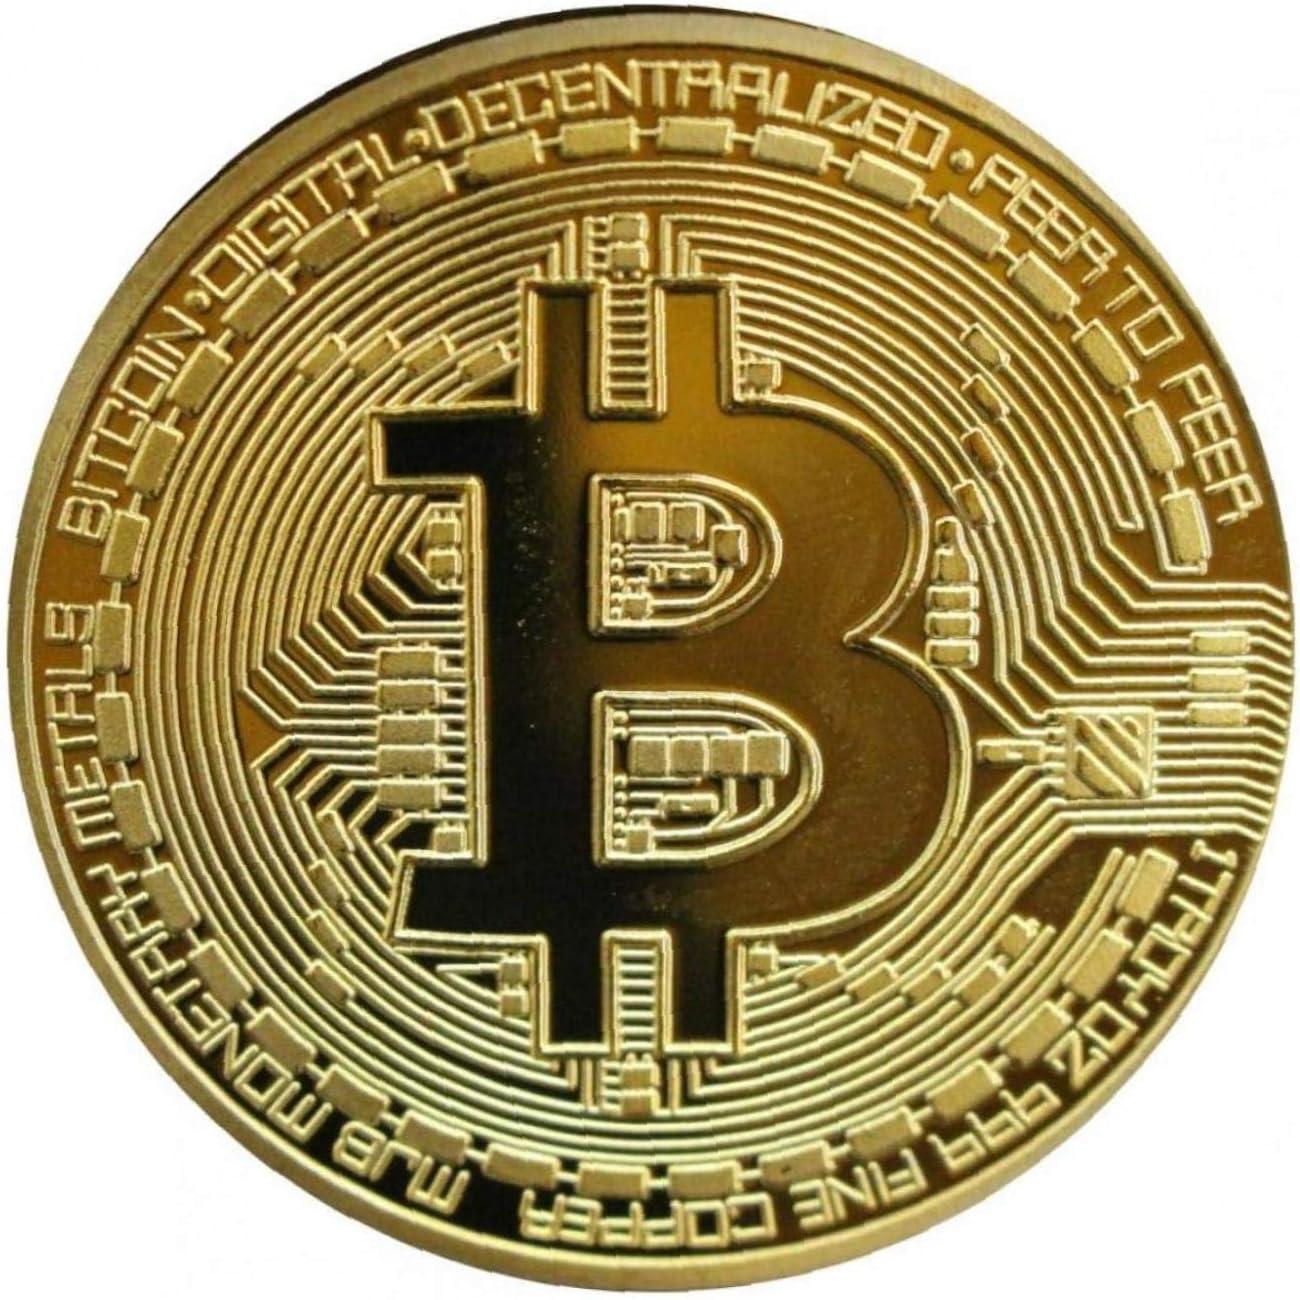 Moneta fisica Bitcoin oro in rame : scrivendovolo.it: Giochi e giocattoli